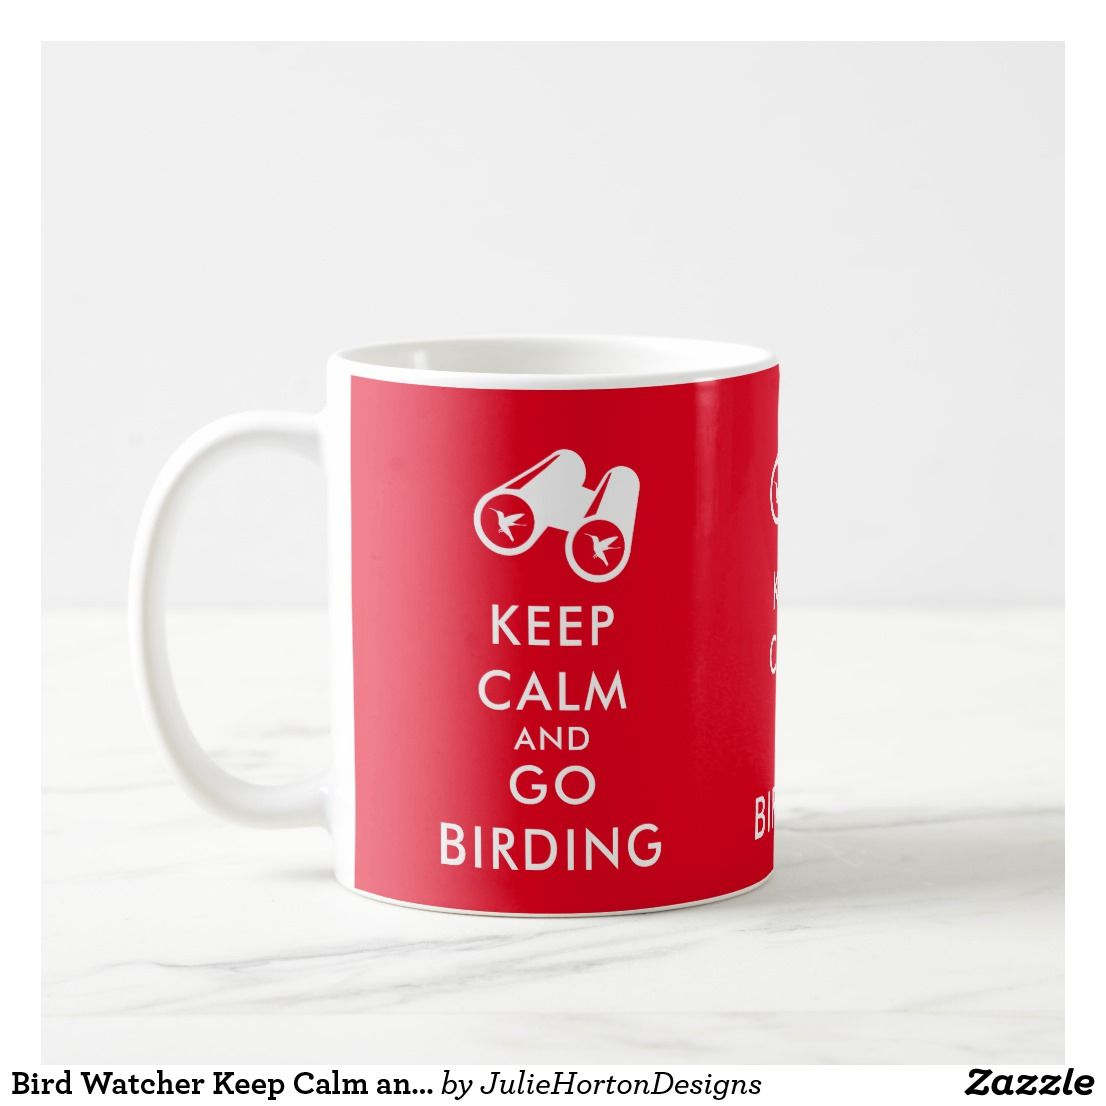 be916ae73121f3ebce1eee97f80c8dc7 - Keep Calm And Carry On Gardening Mug